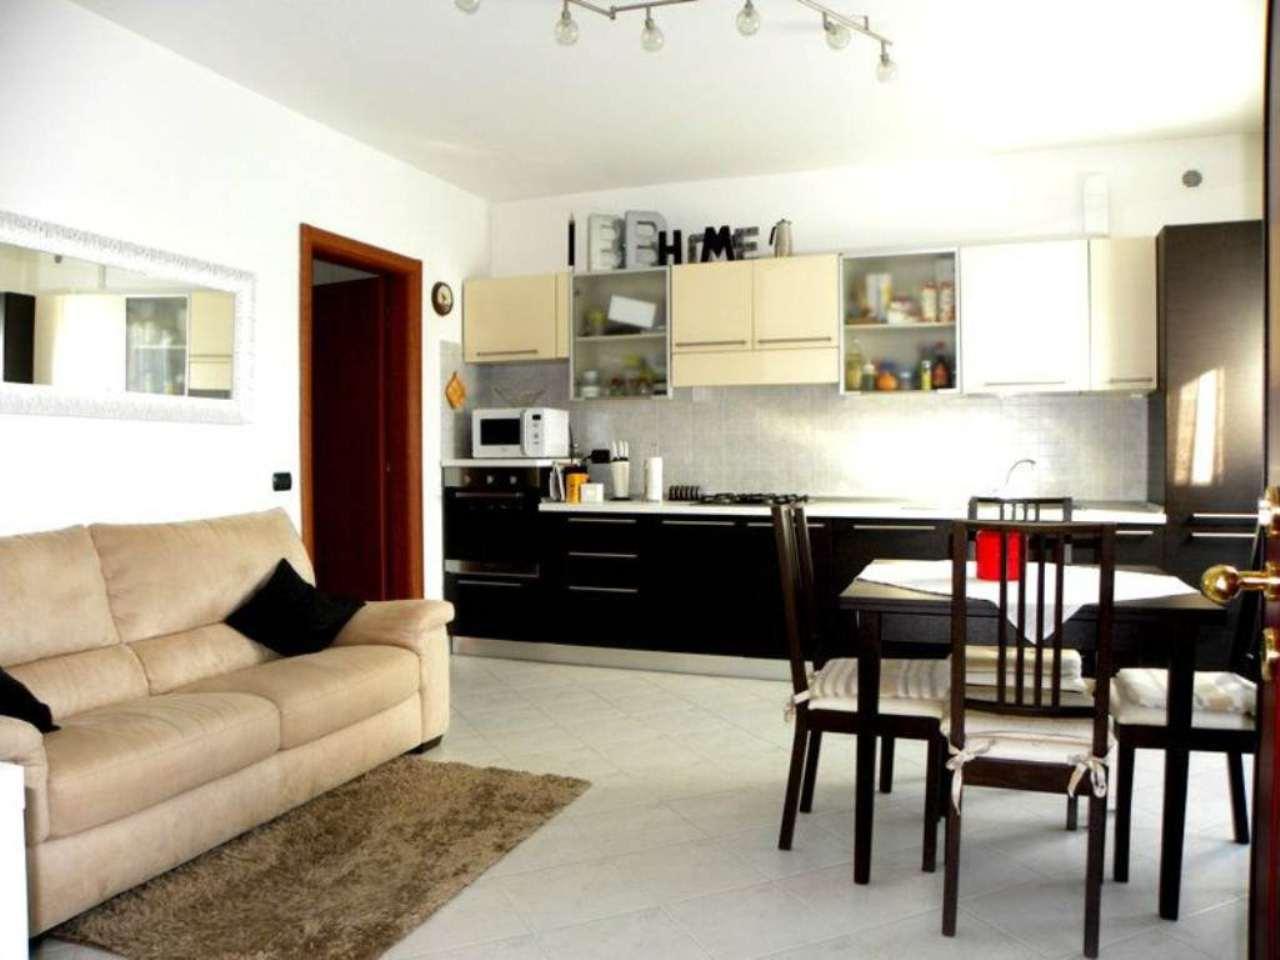 Appartamento in vendita a Vizzolo Predabissi, 2 locali, prezzo € 135.000 | Cambio Casa.it